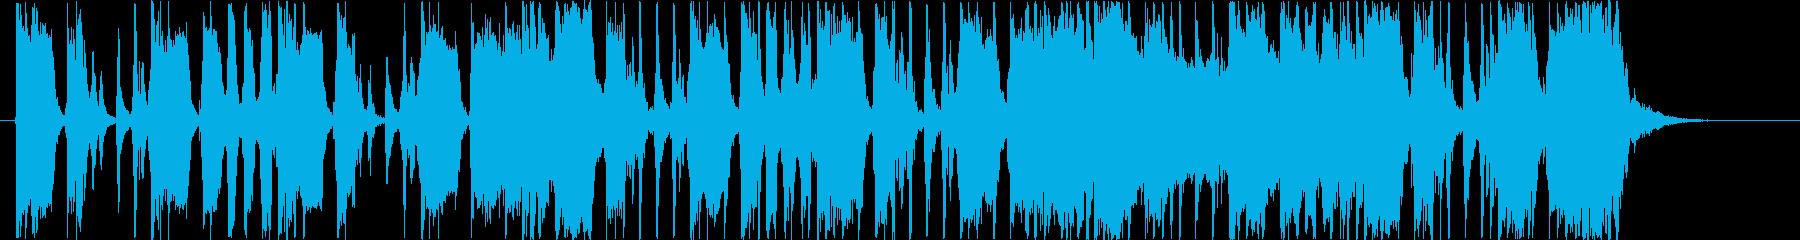 どっしりとしたロックギターの再生済みの波形